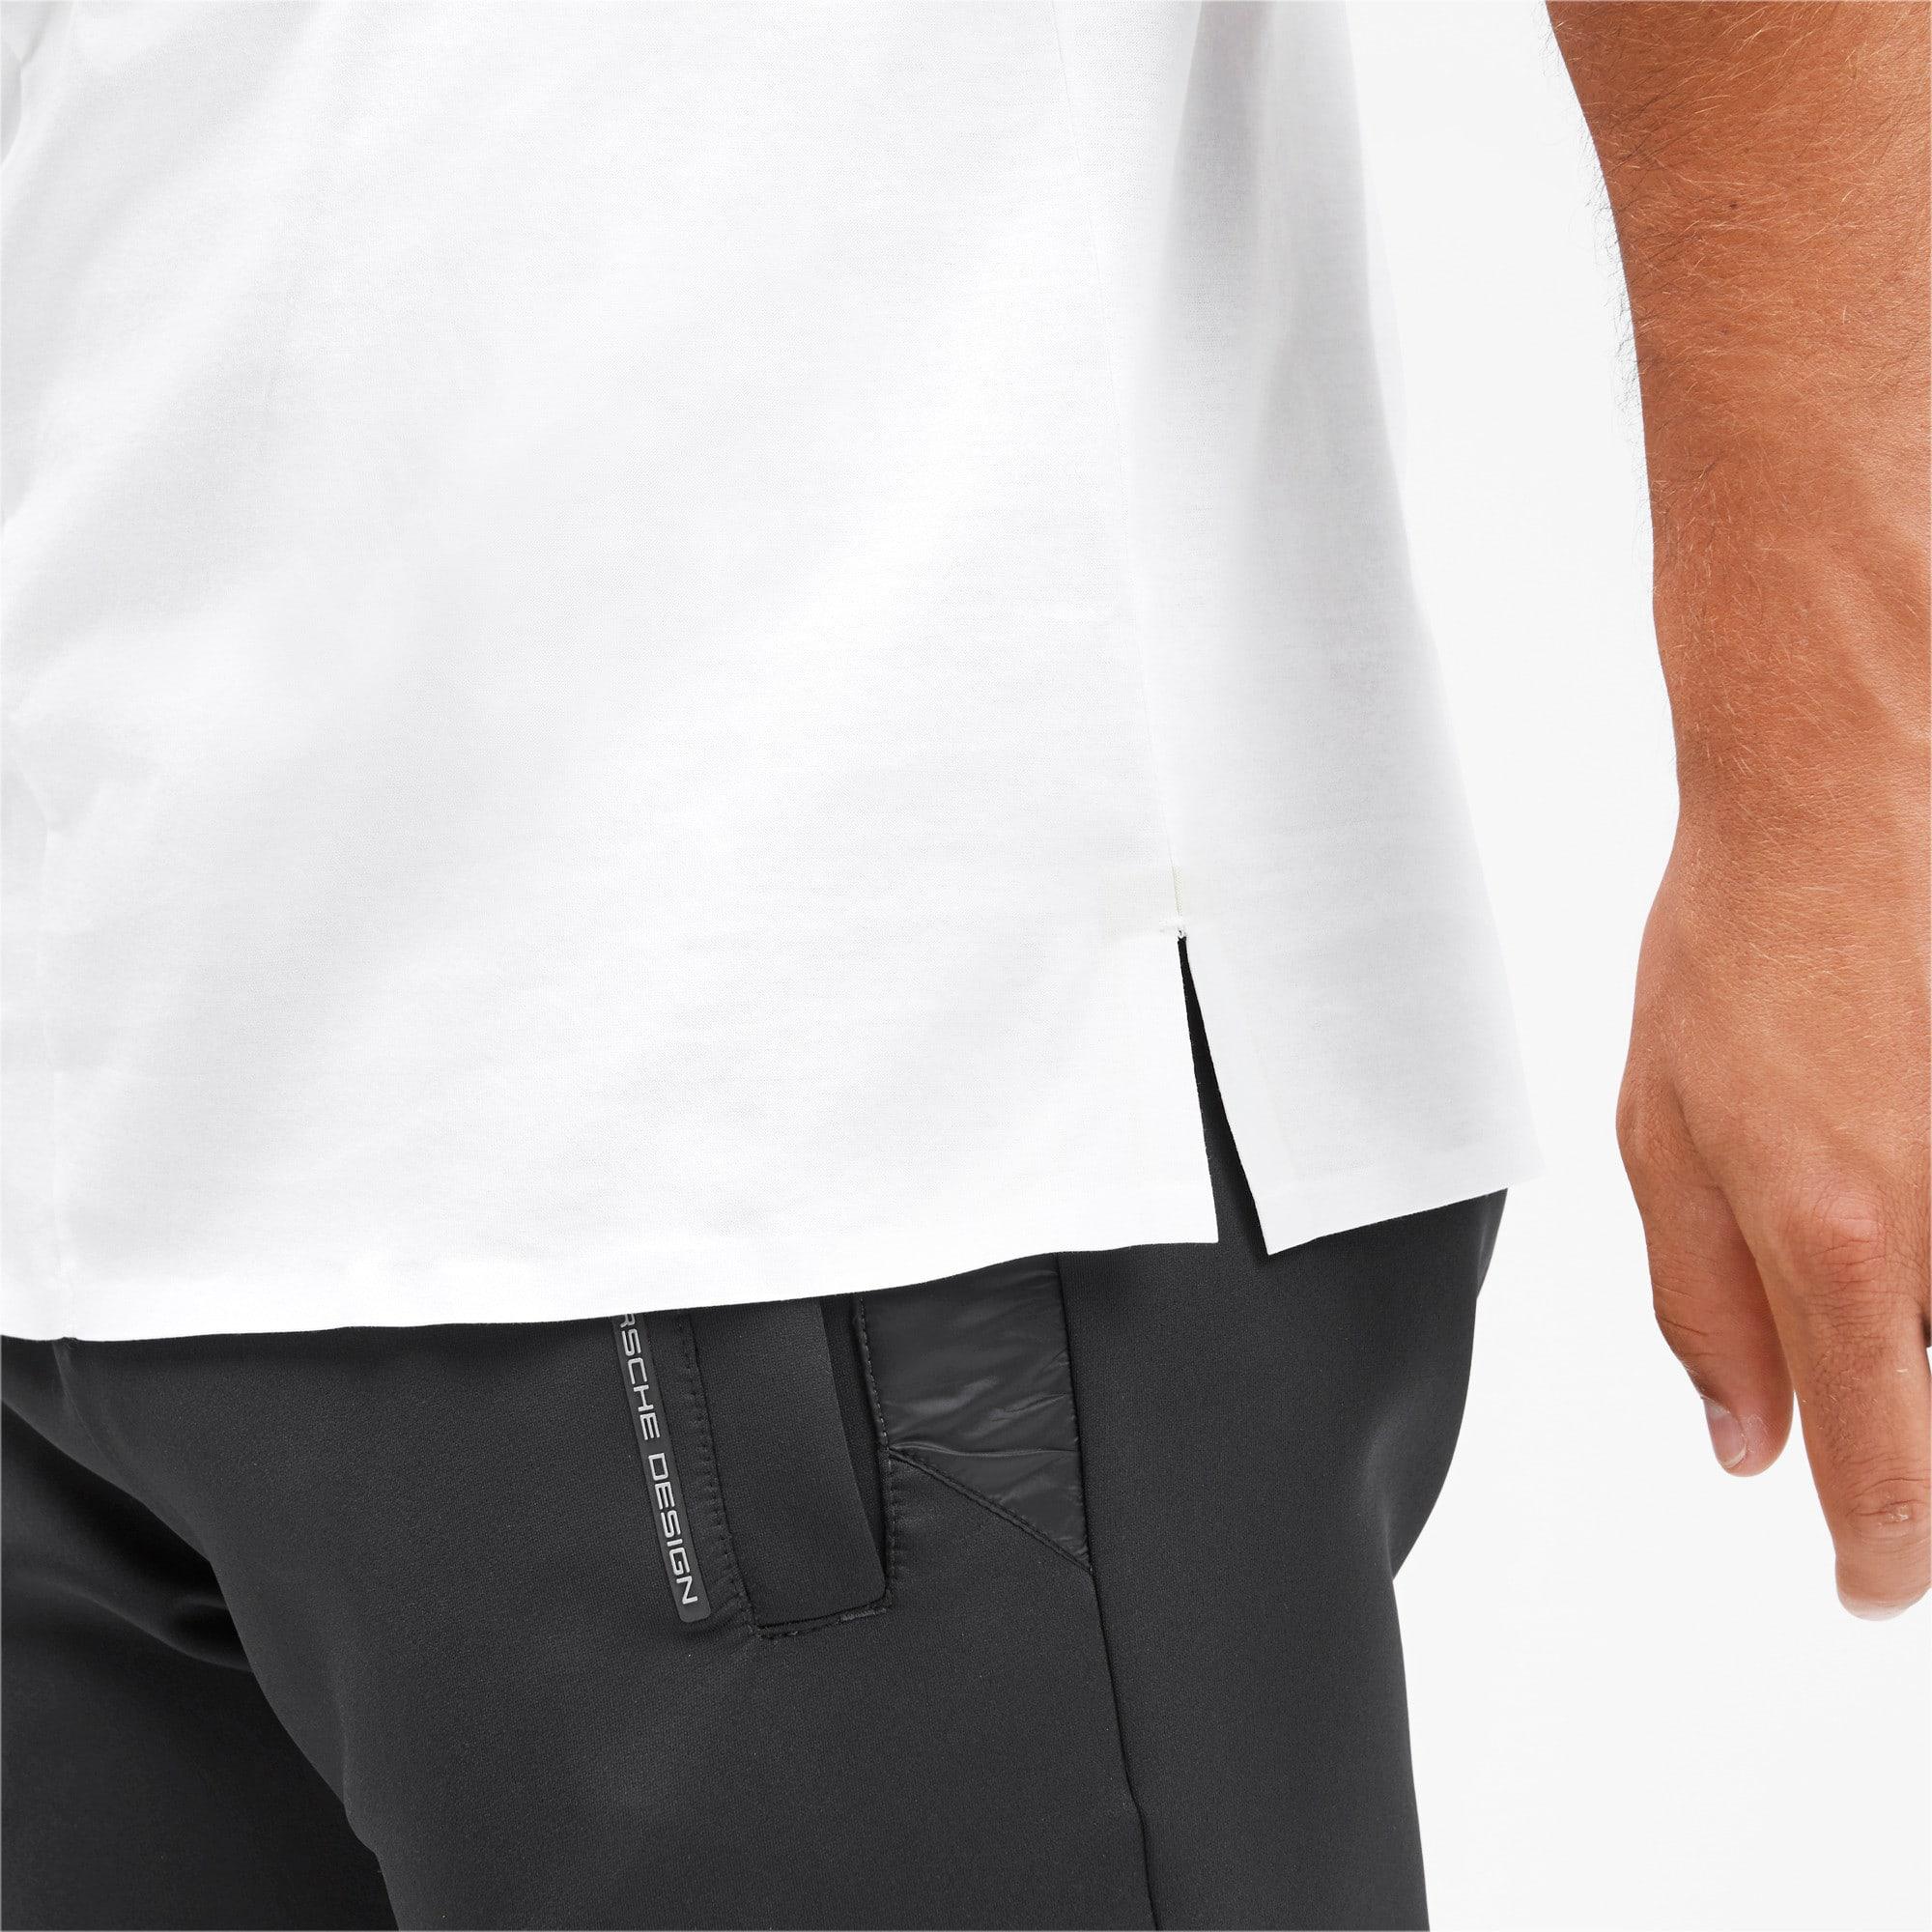 Thumbnail 8 of M ポルシェデザイン PD グラフィック Tシャツ, Puma White, medium-JPN